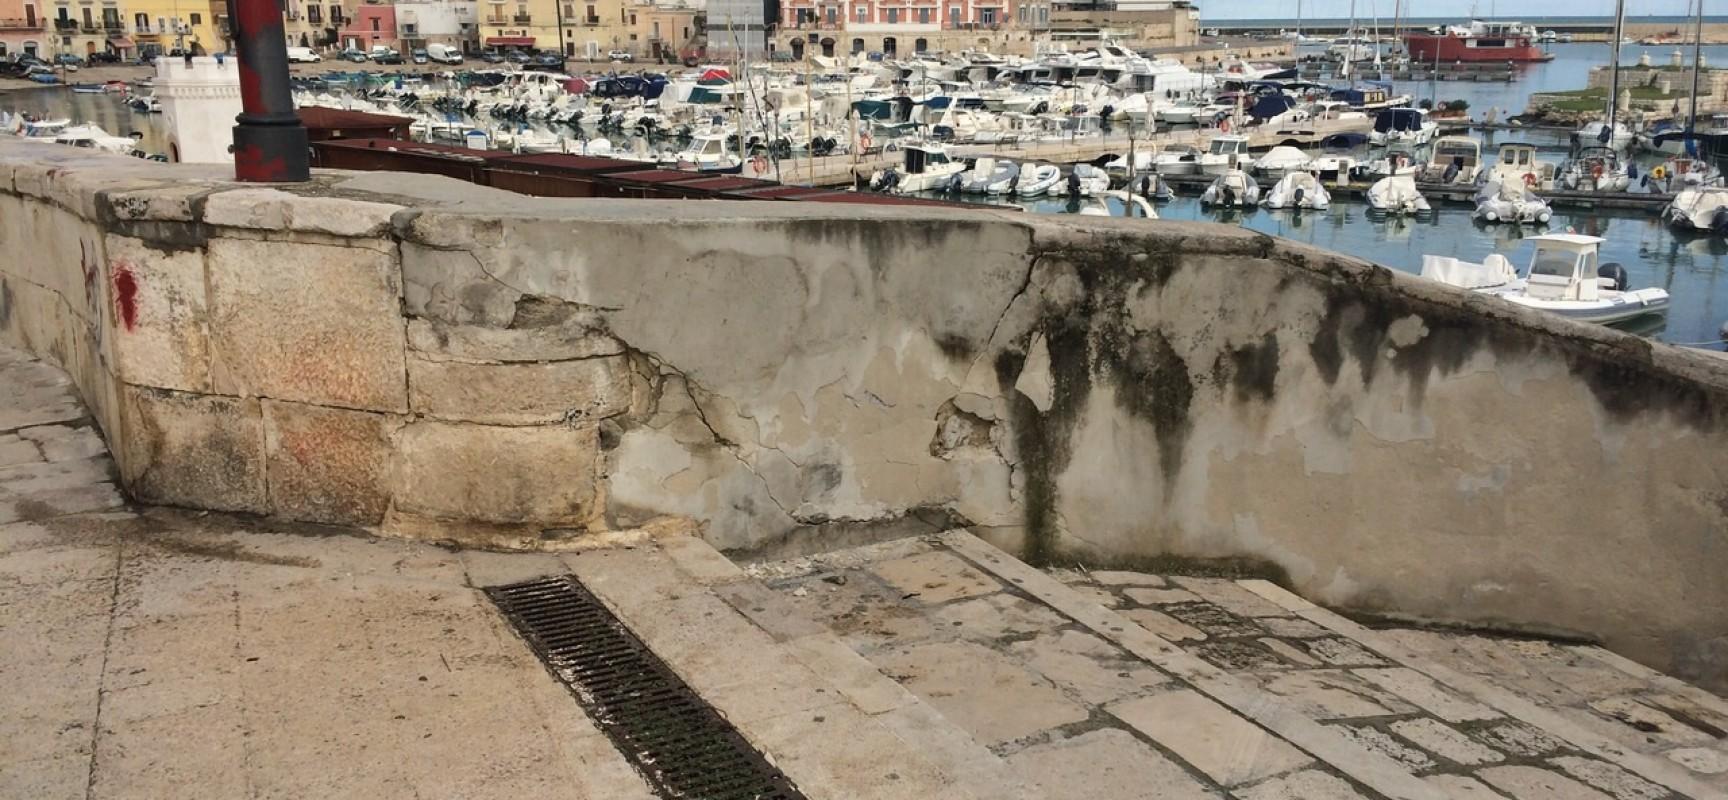 """Crepa sulle mura vicino al bastione San Martino, il comune: """"Danni causati dall'impatto di un'autovettura"""""""